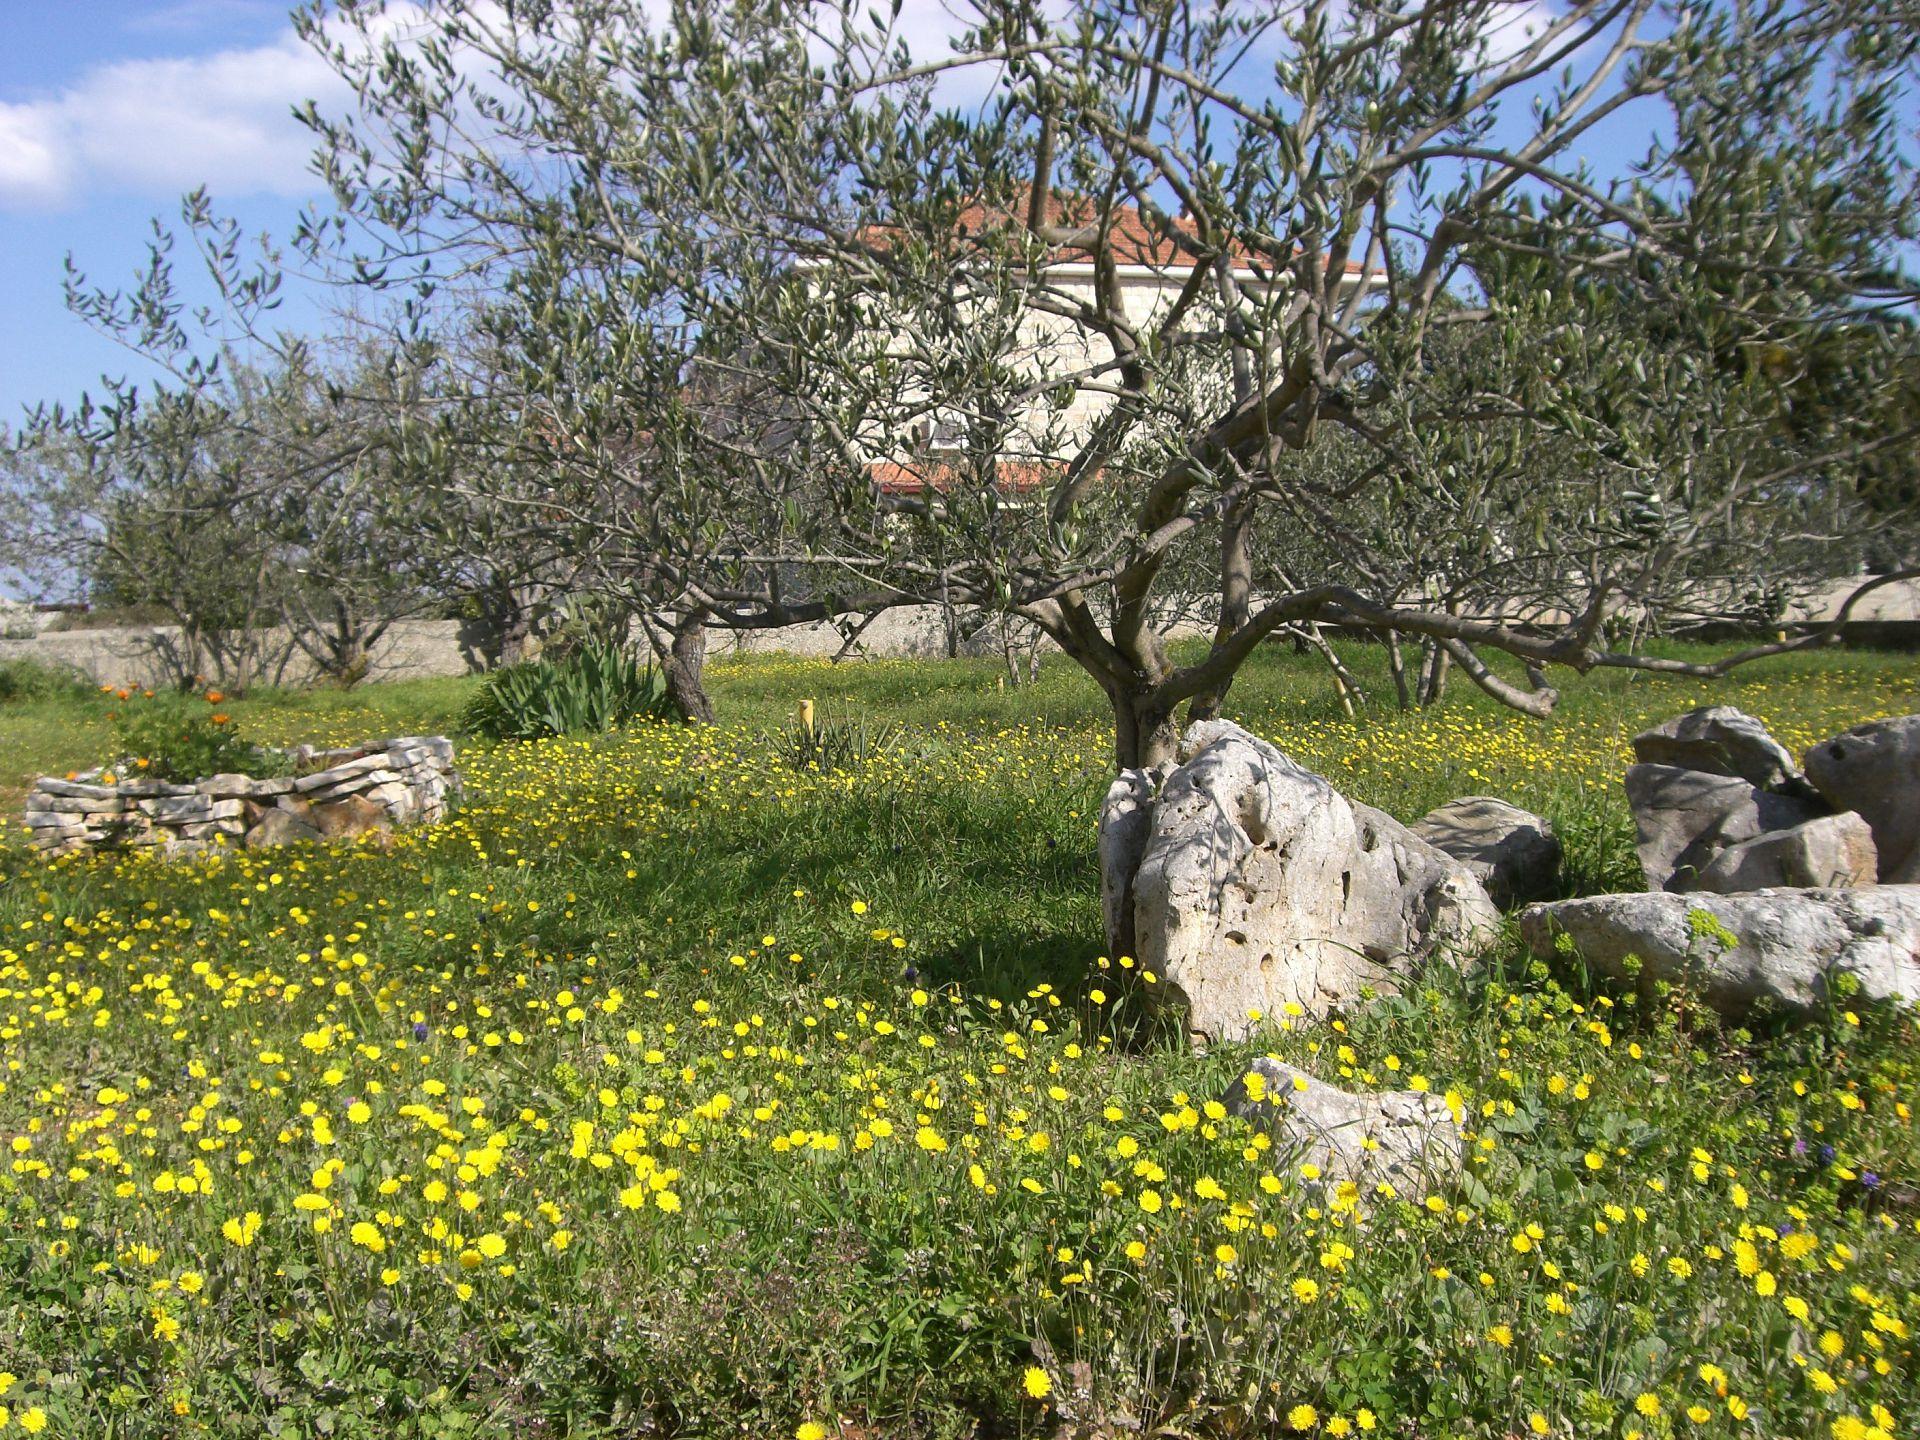 35914 - Gornje Selo - Appartamenti Croazia